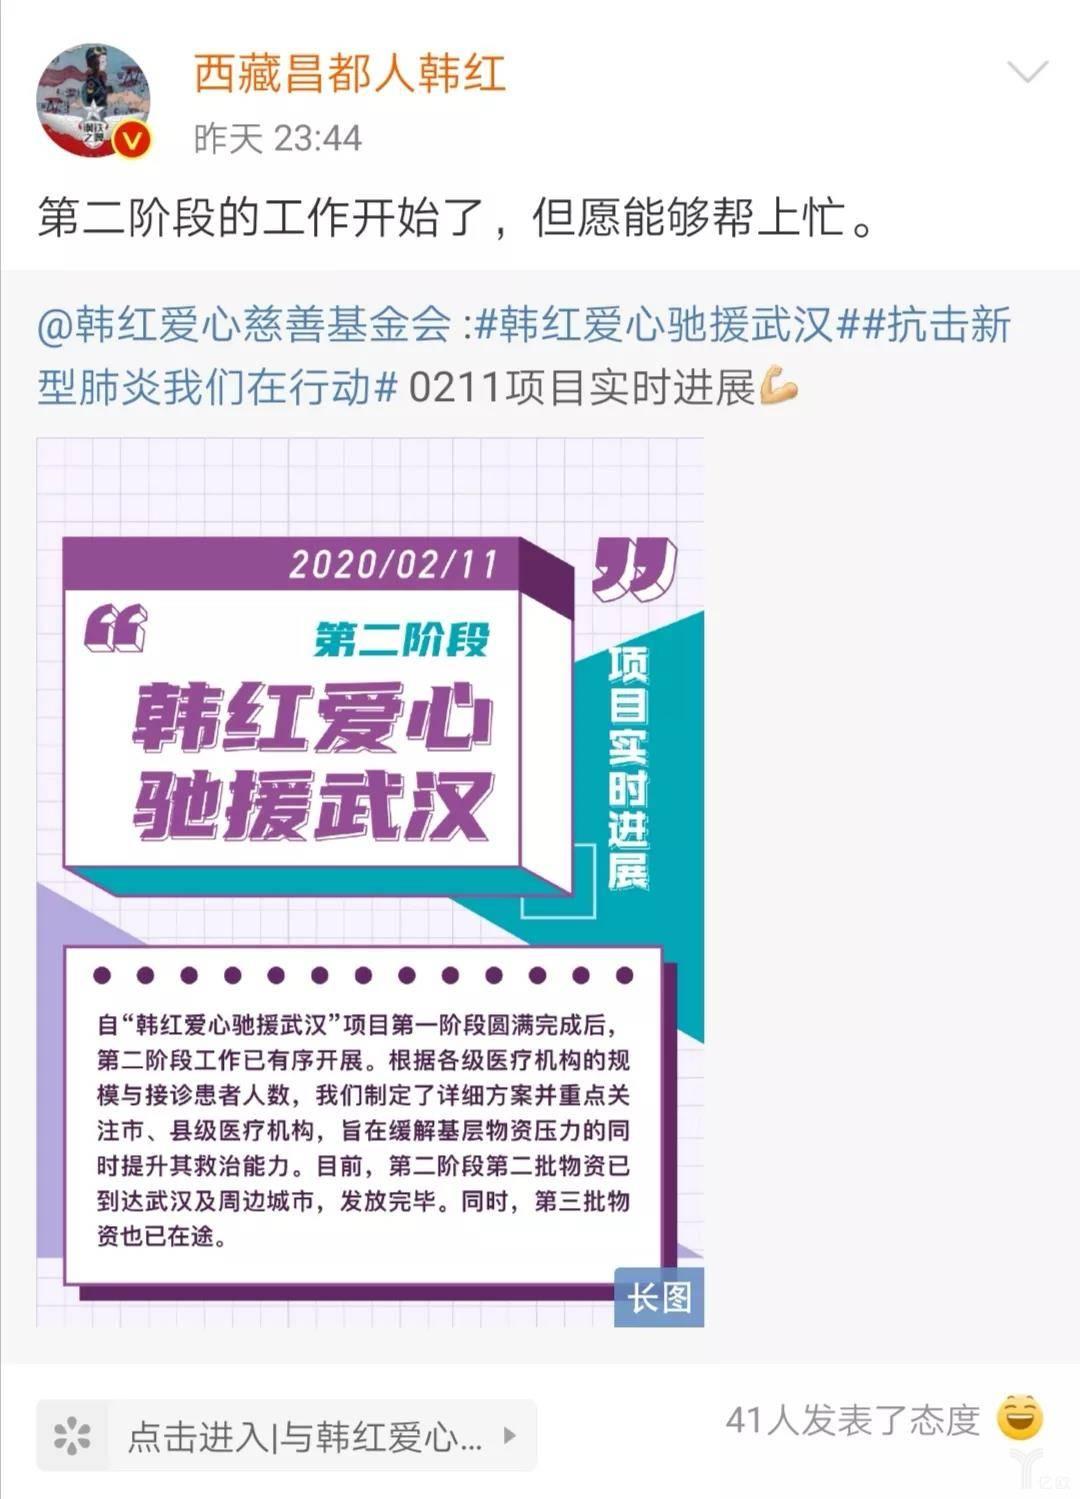 韩红2月11日在微博发布的基金会工作总结